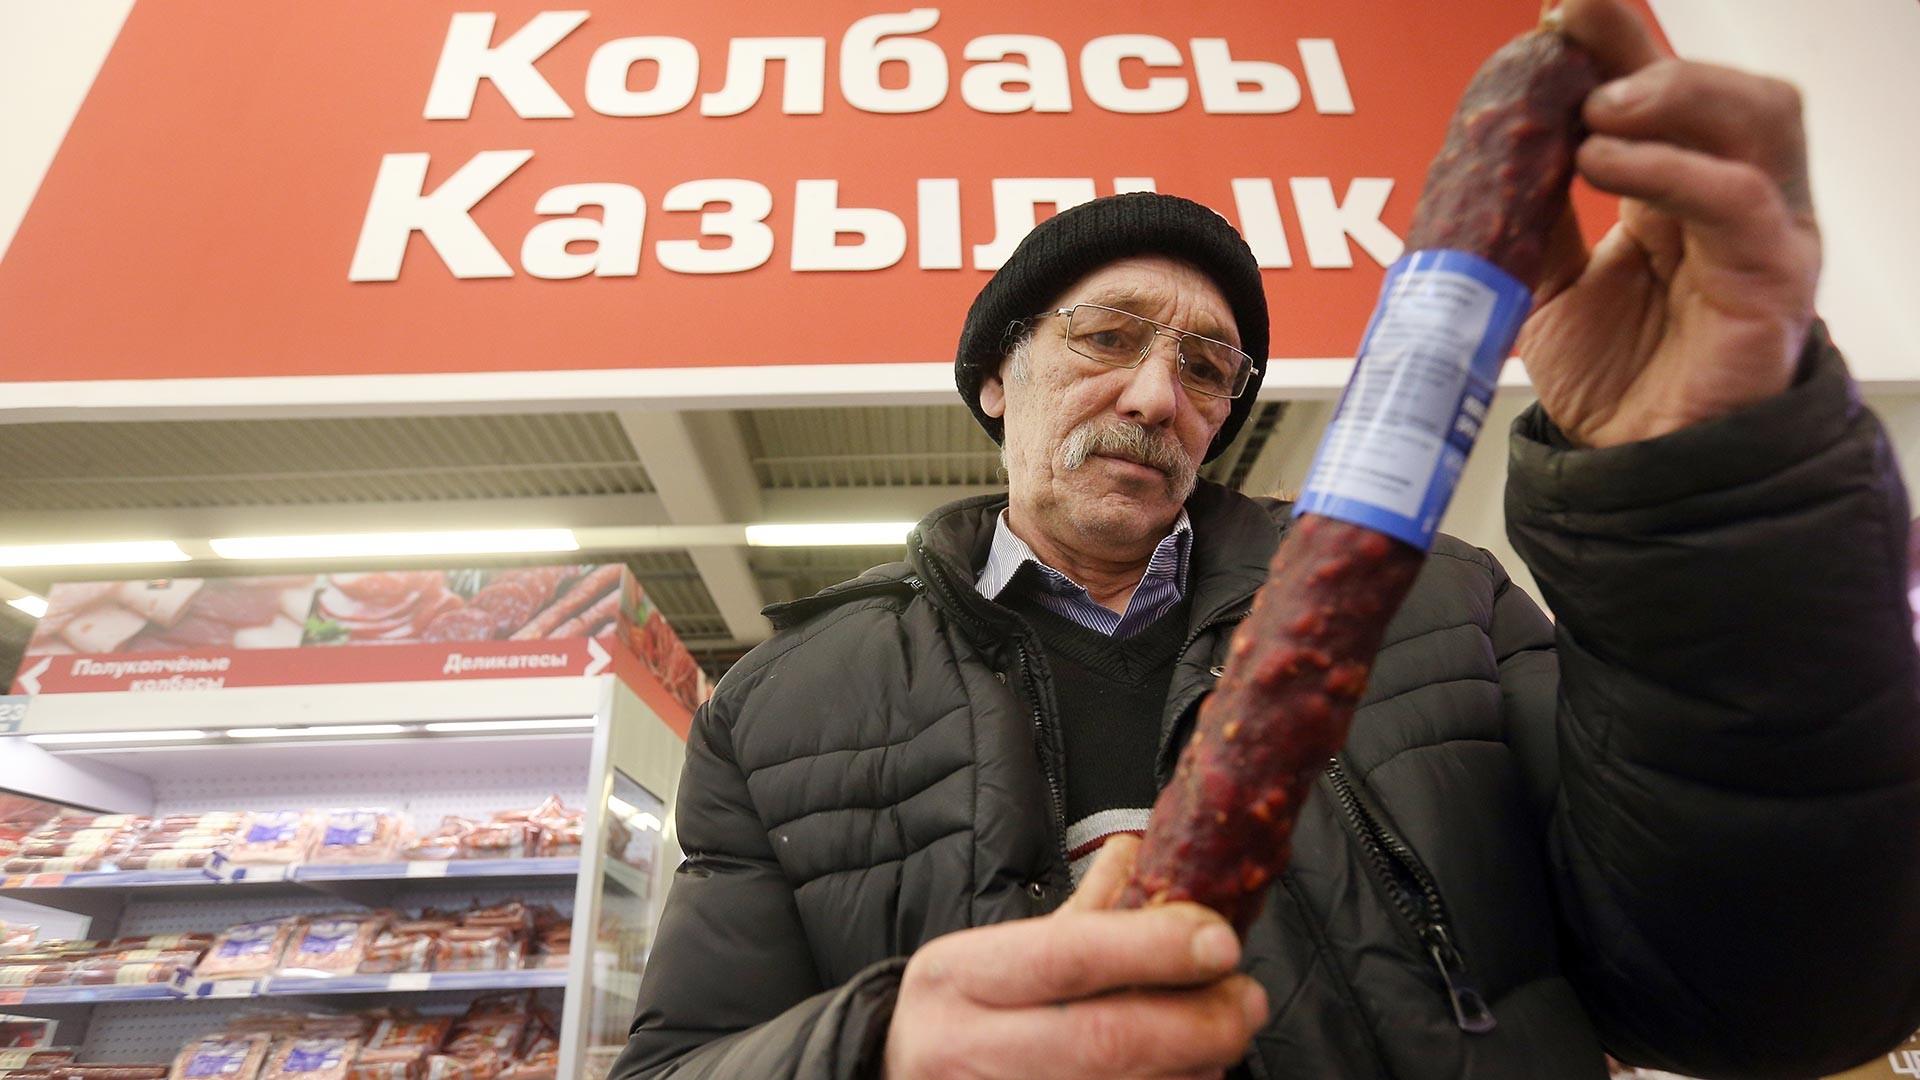 At the Kazan store.